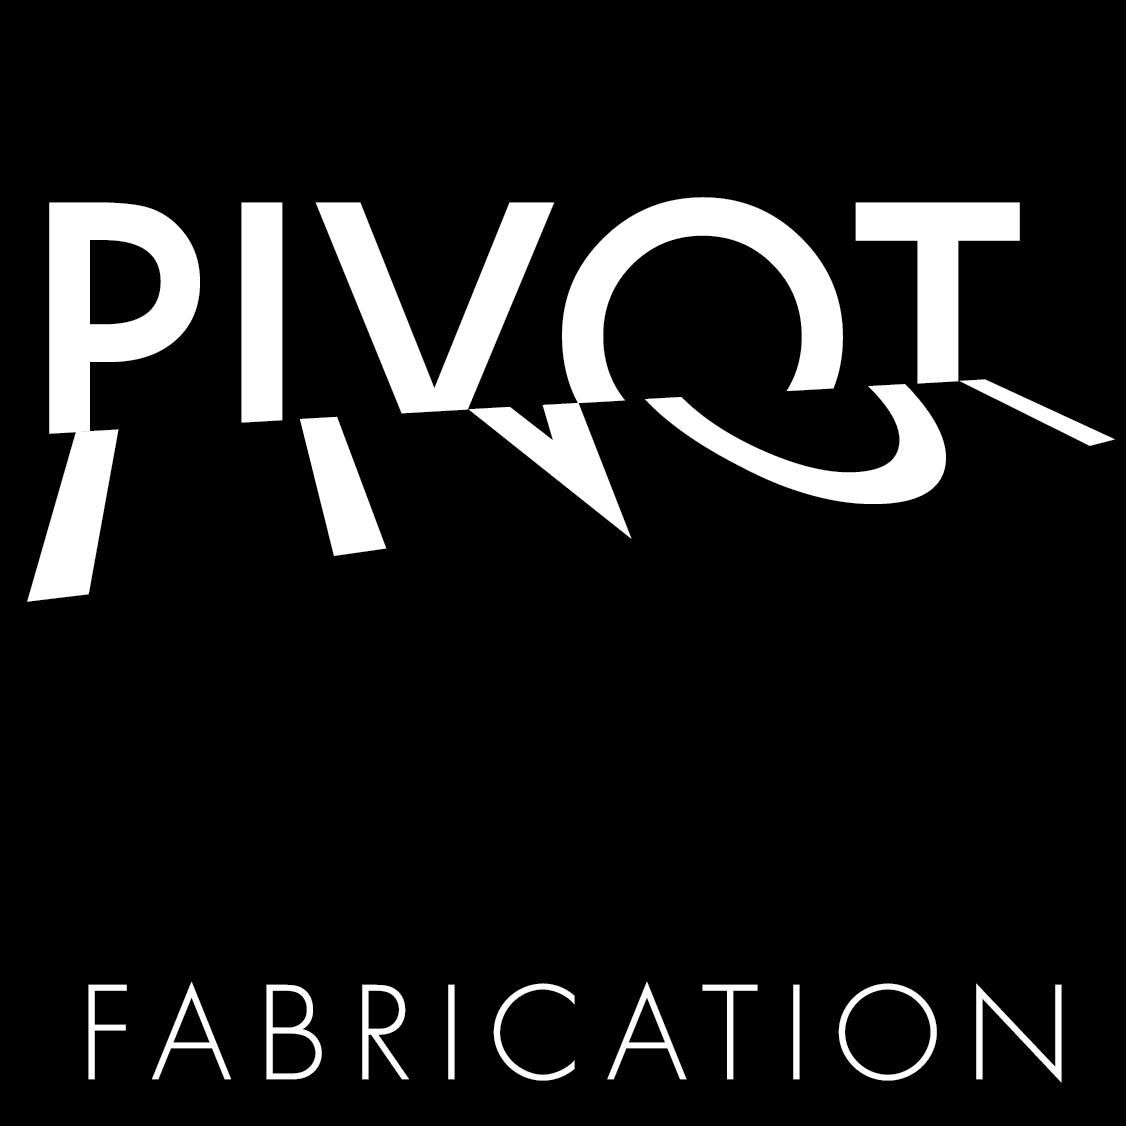 2018_pivot black FINAL 350